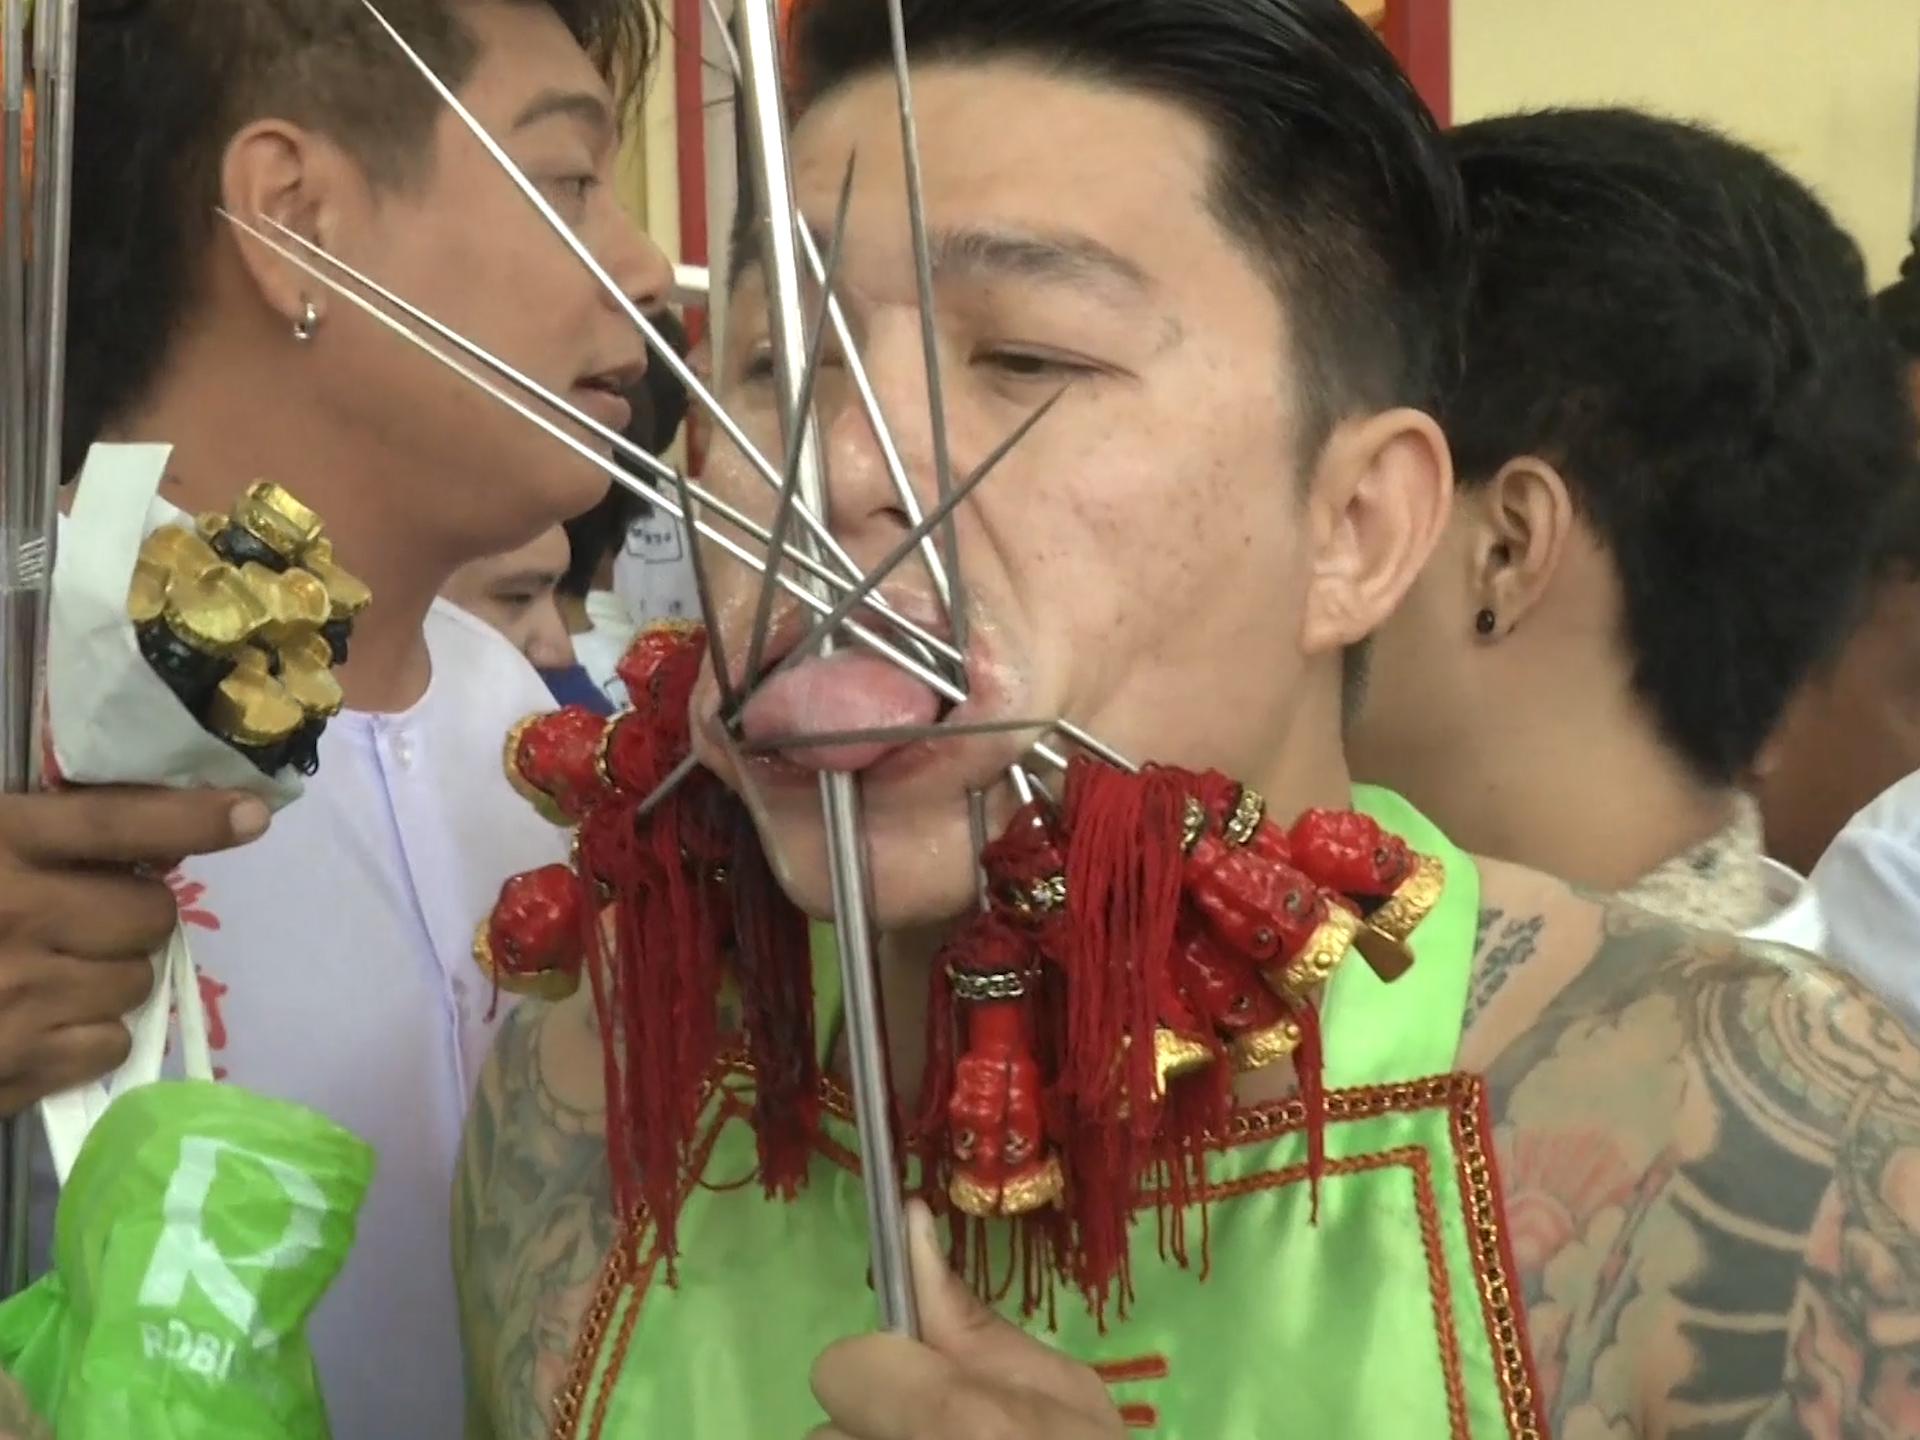 phuket performer